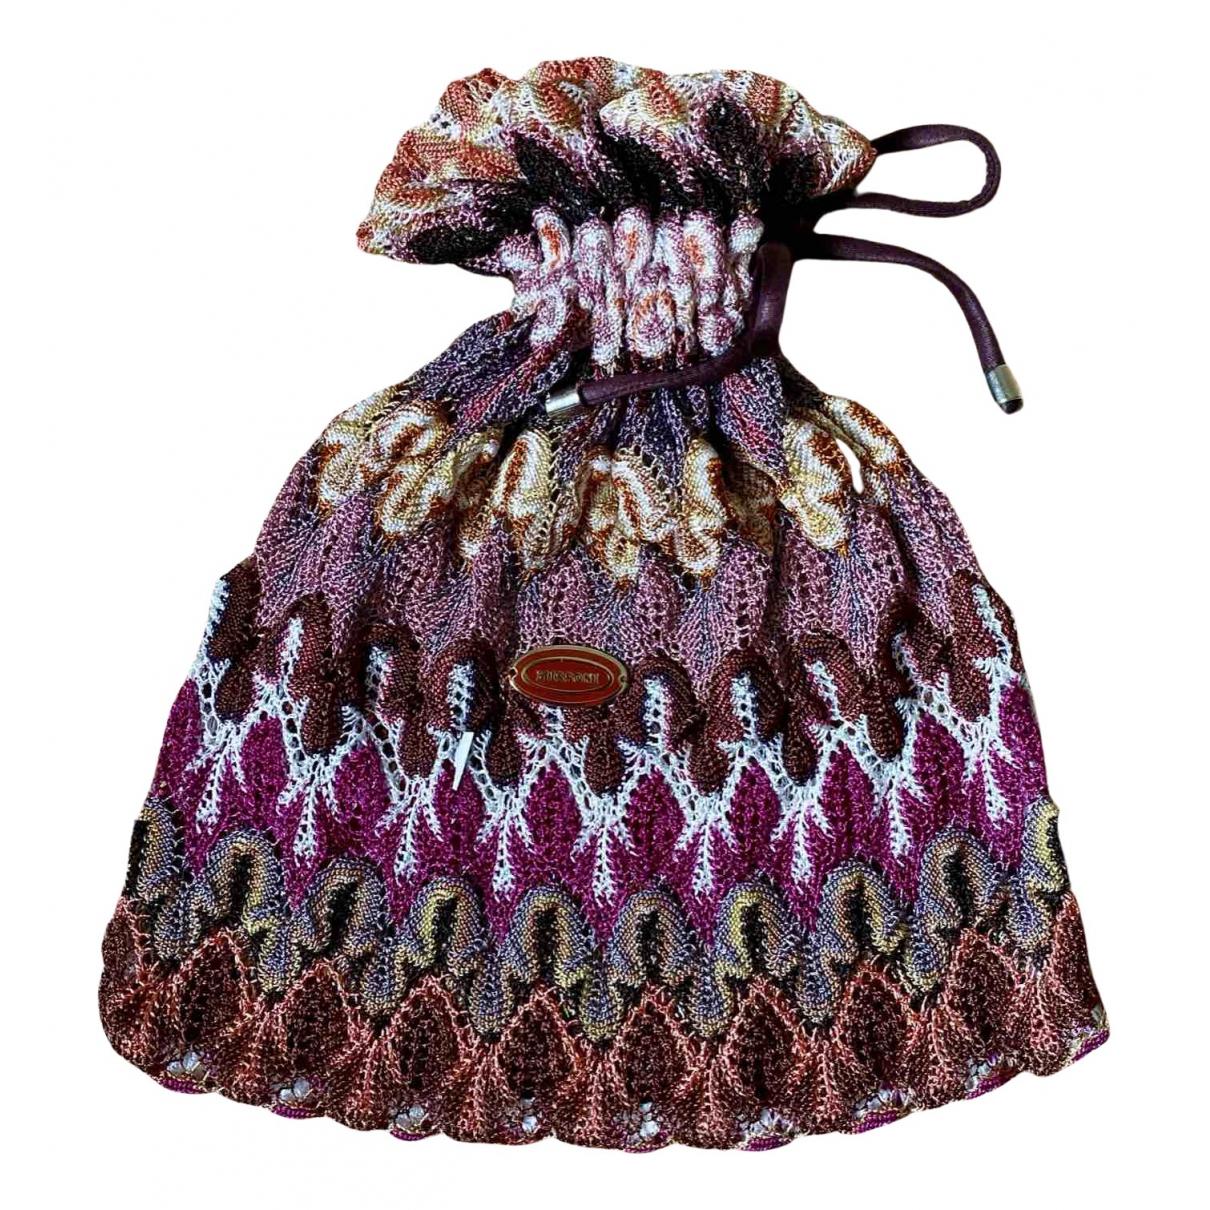 Missoni \N Kleinlederwaren in  Bunt Wolle